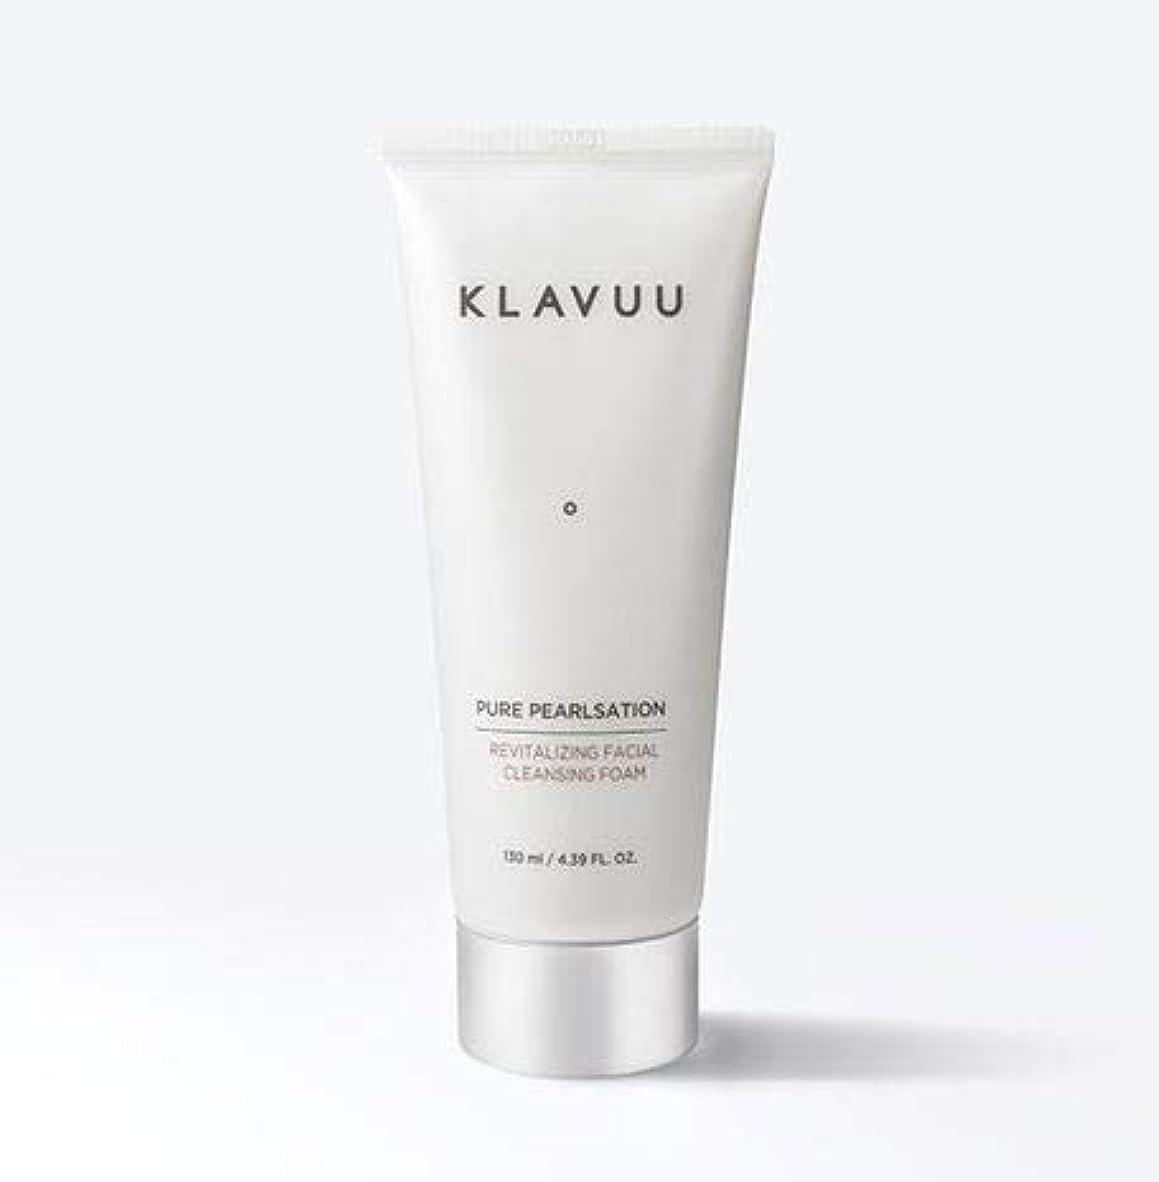 一族常習的禁止する[ Klavuu ] PURE PEARLSATION Revitalizing Facial Cleansing Foam /[クラビュー ] ピュア パールセ―ション リバイタライジング フェイシャル クレンジング フォーム [並行輸入品]